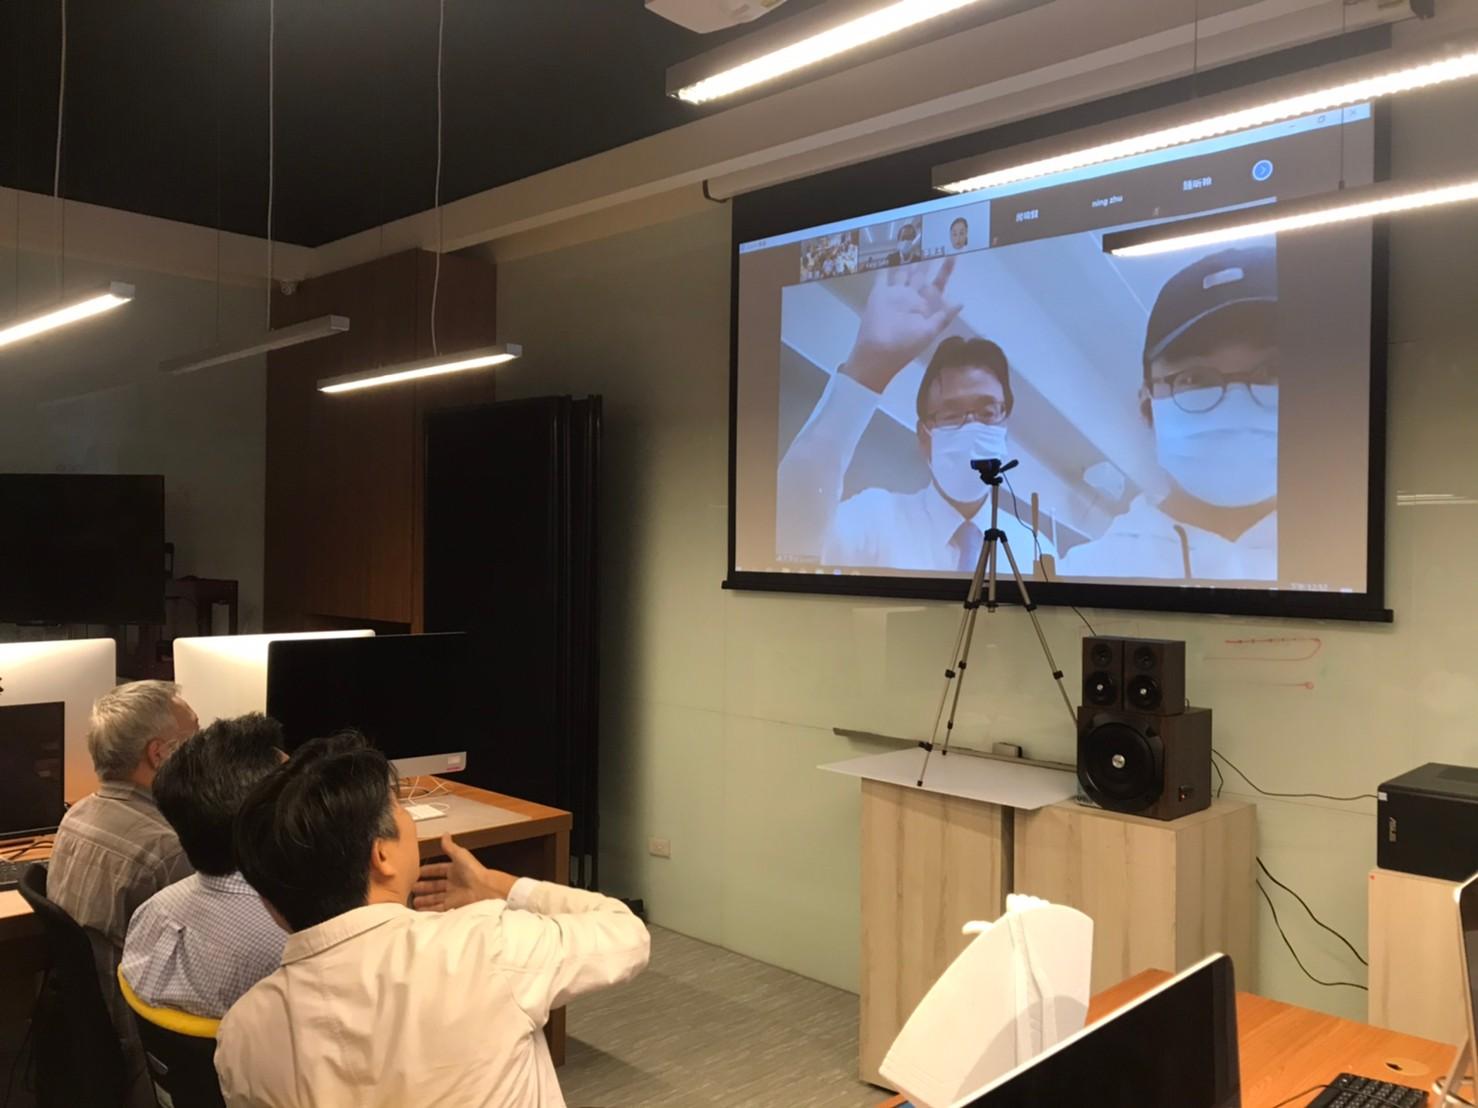 聖約翰科大攜手靜岡理工科大 台日師生遠距視訊交流-日本